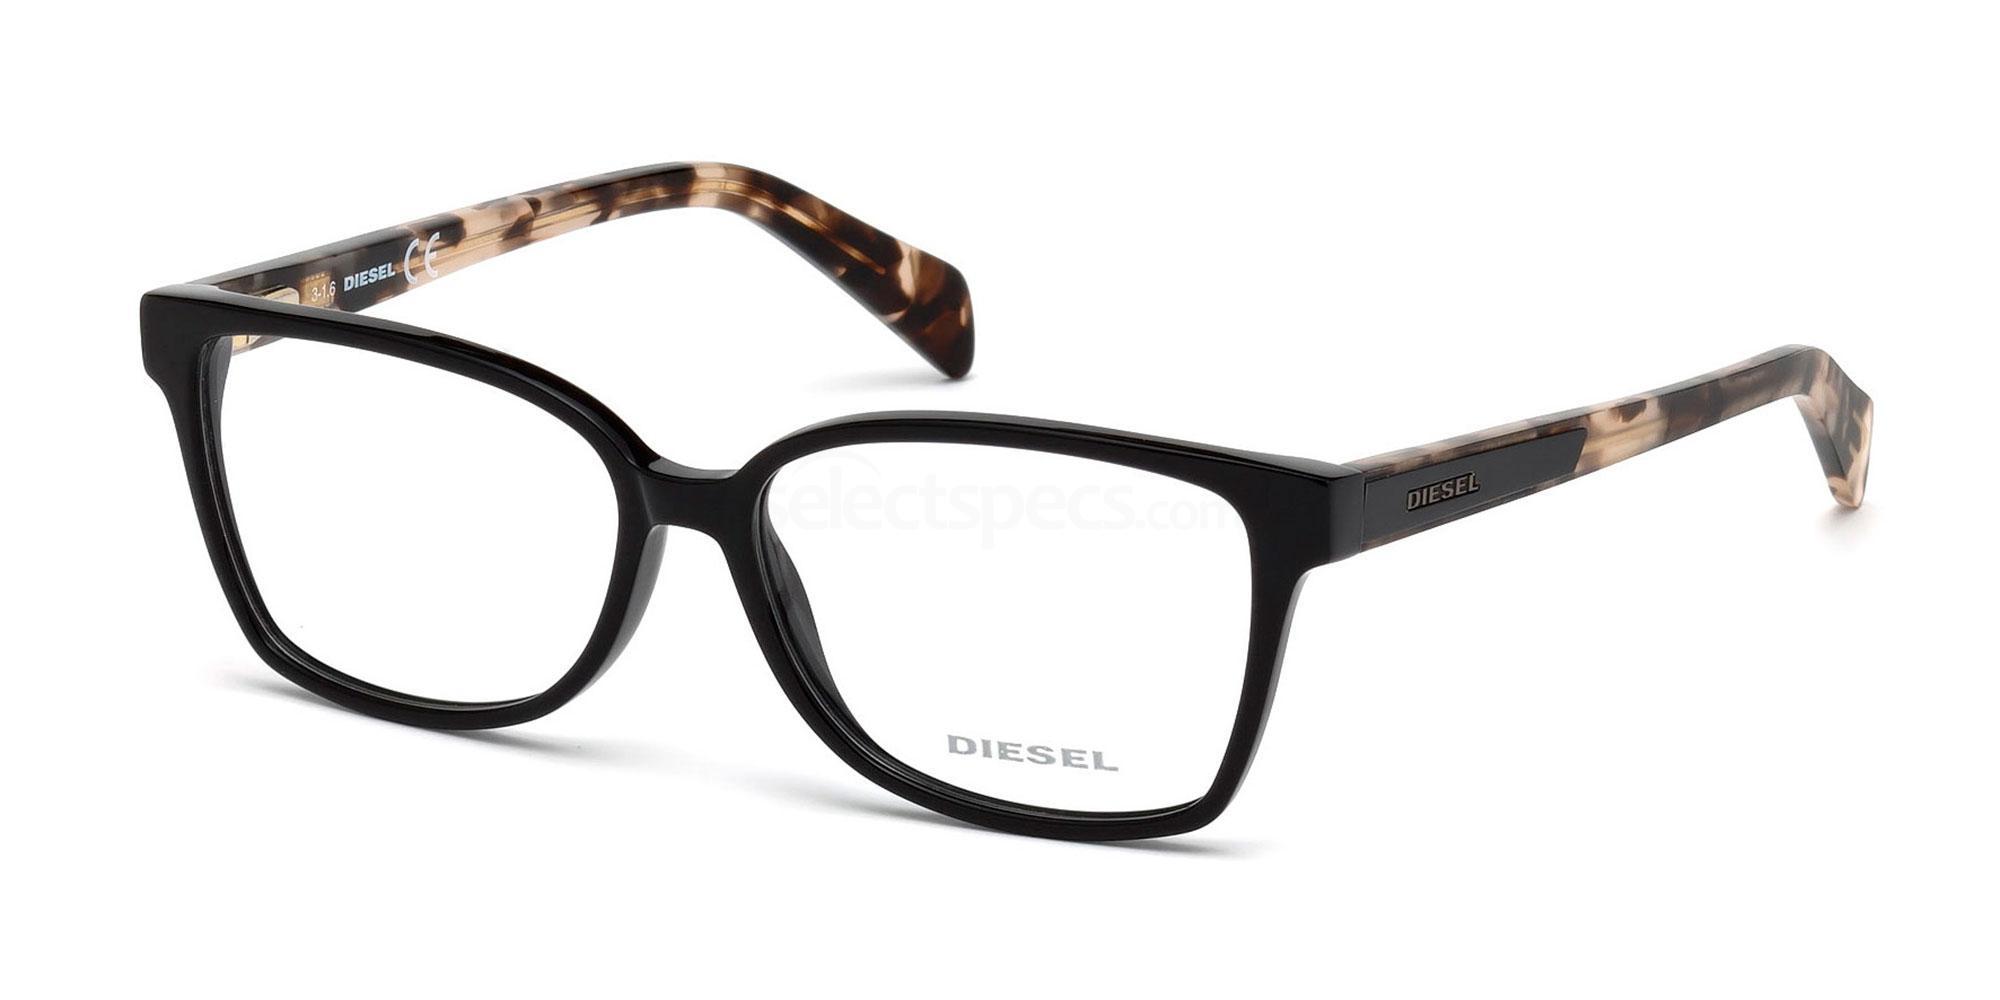 001 DL5210 Glasses, Diesel